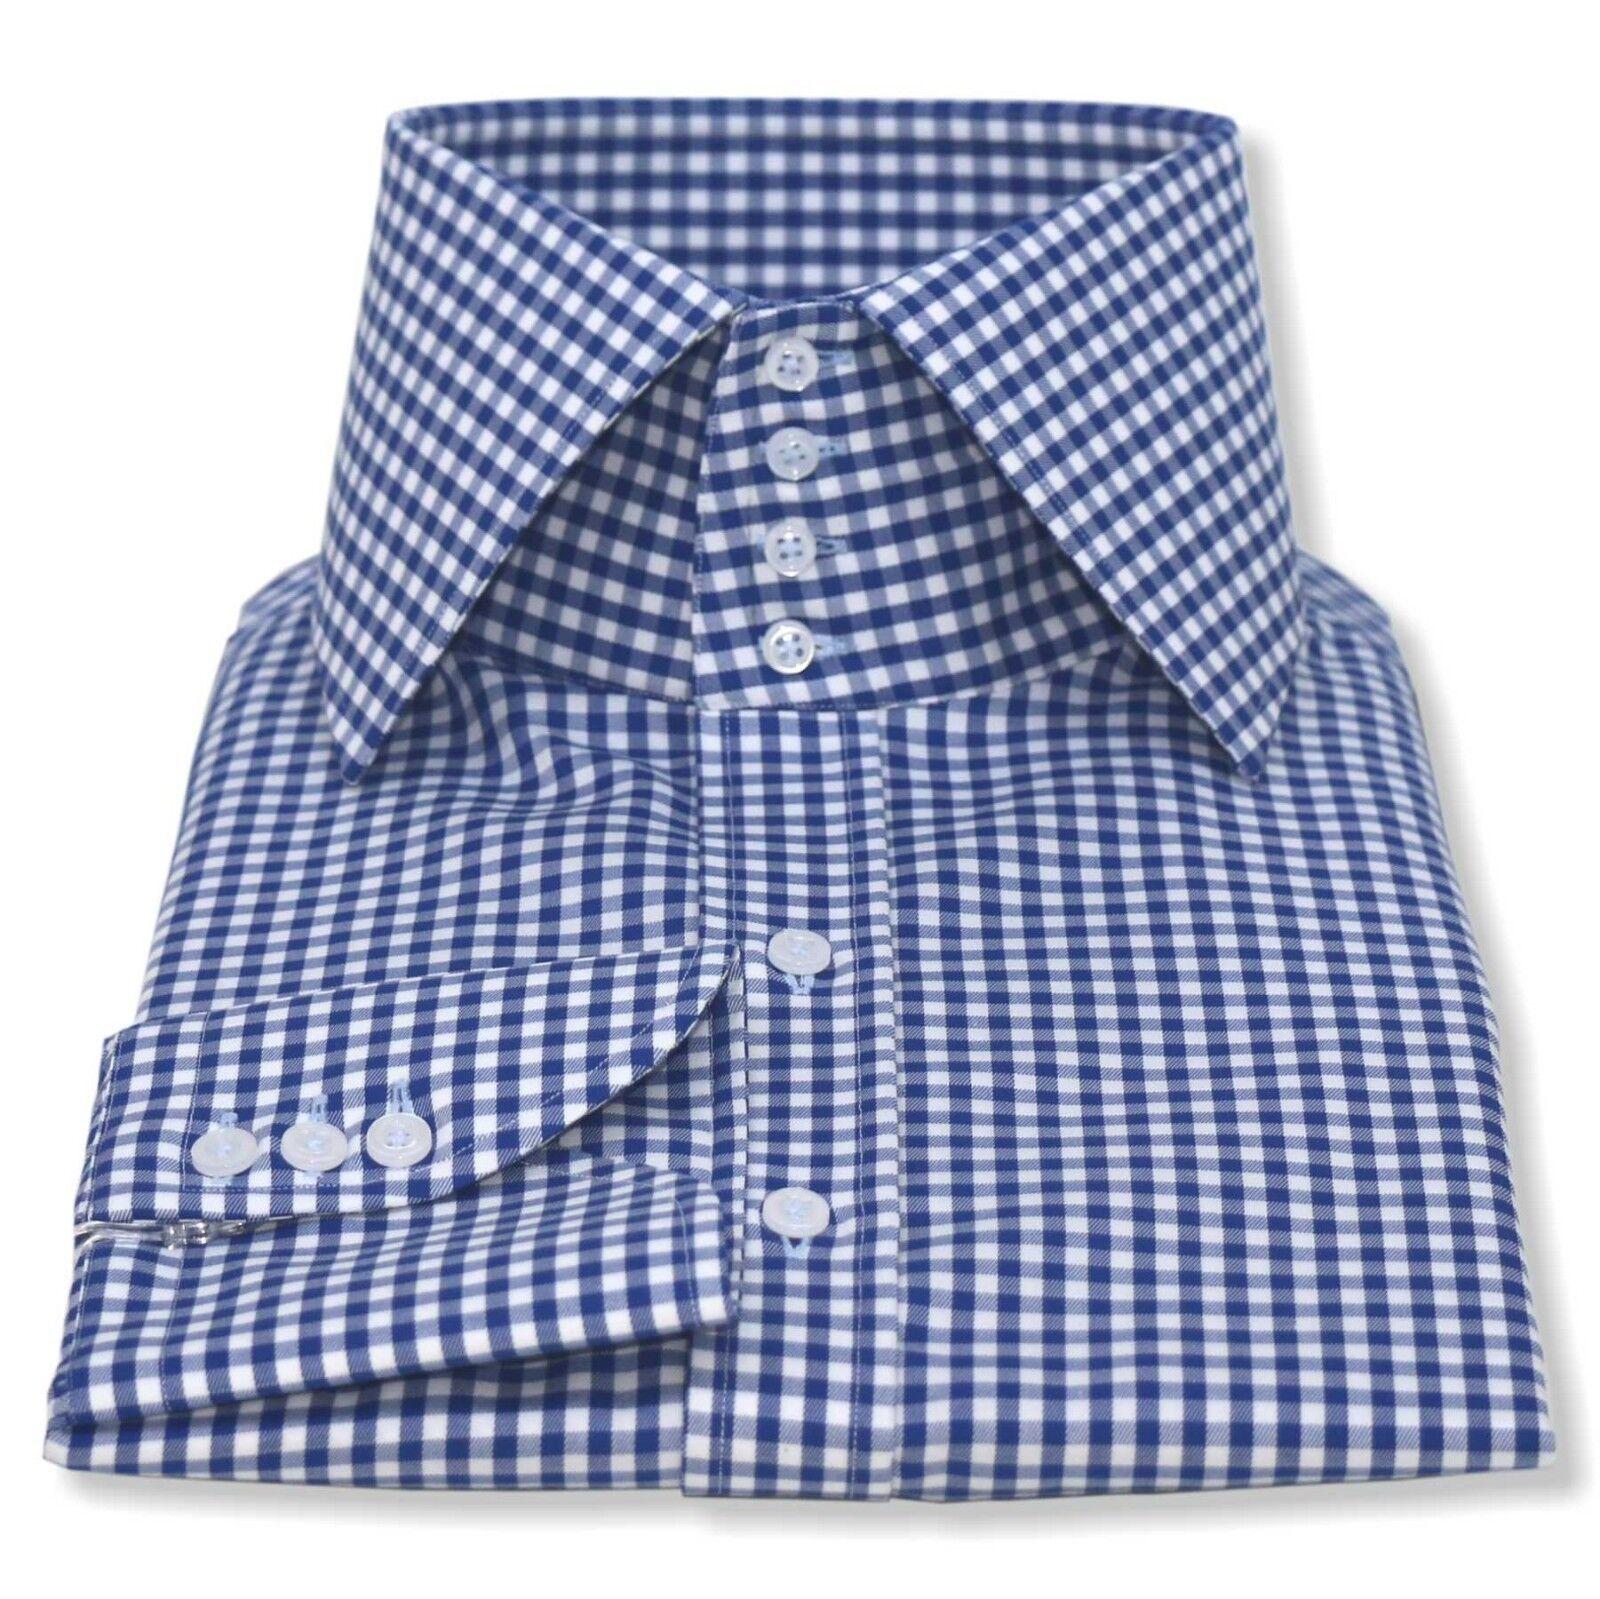 Herren Stehkragen Hemden Blau Karos Mehrere Knöpfe 100% Cotton Herren     | Hat einen langen Ruf